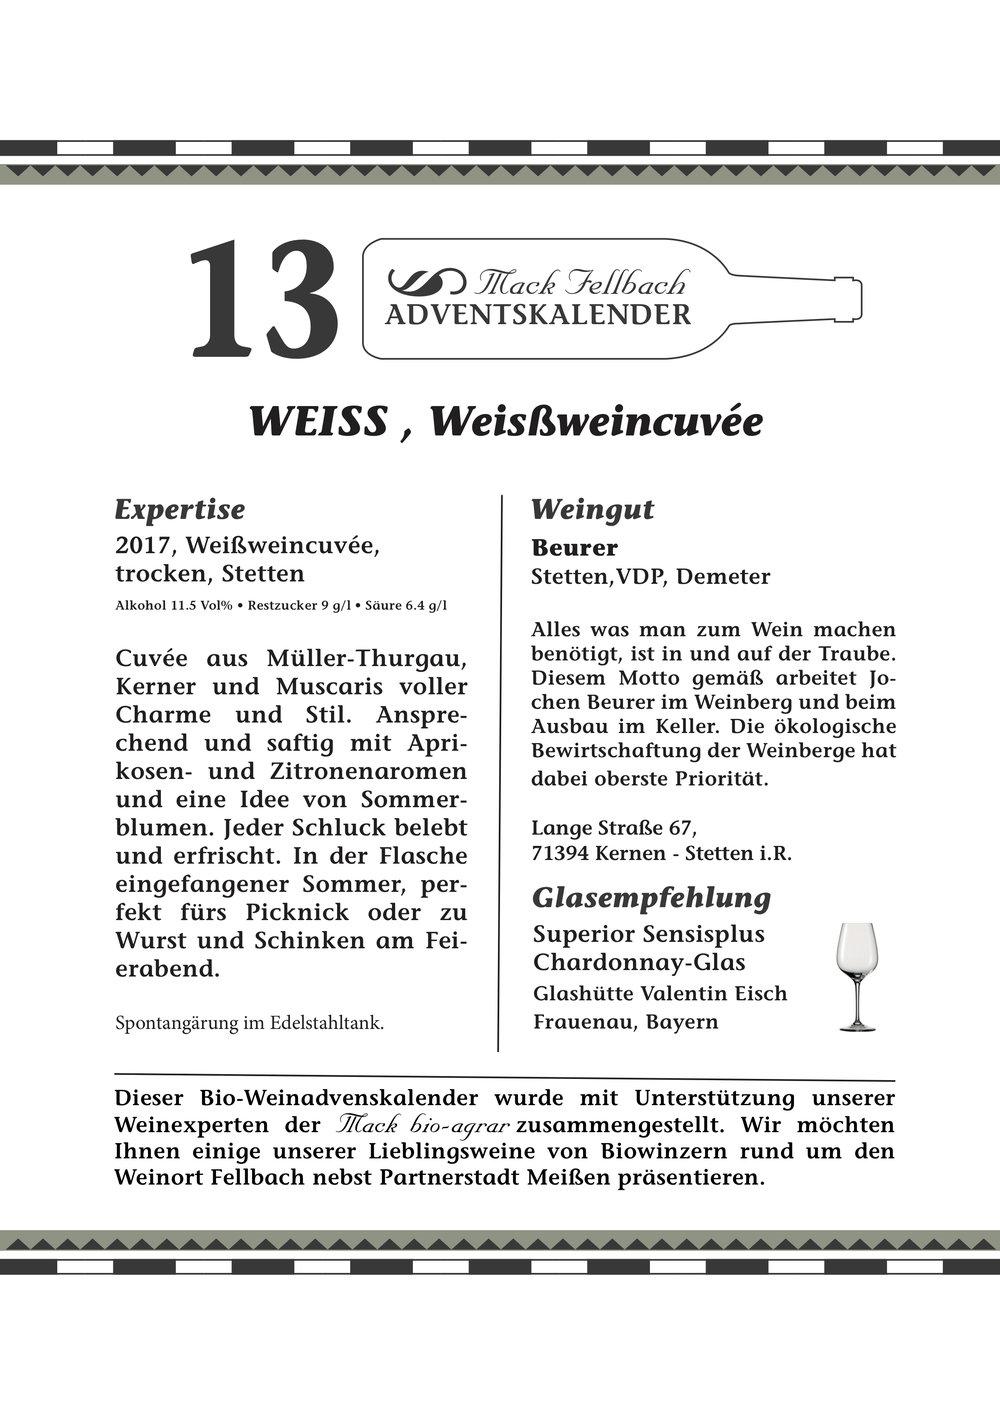 Vorlage Adventskalender Weininfo.jpg